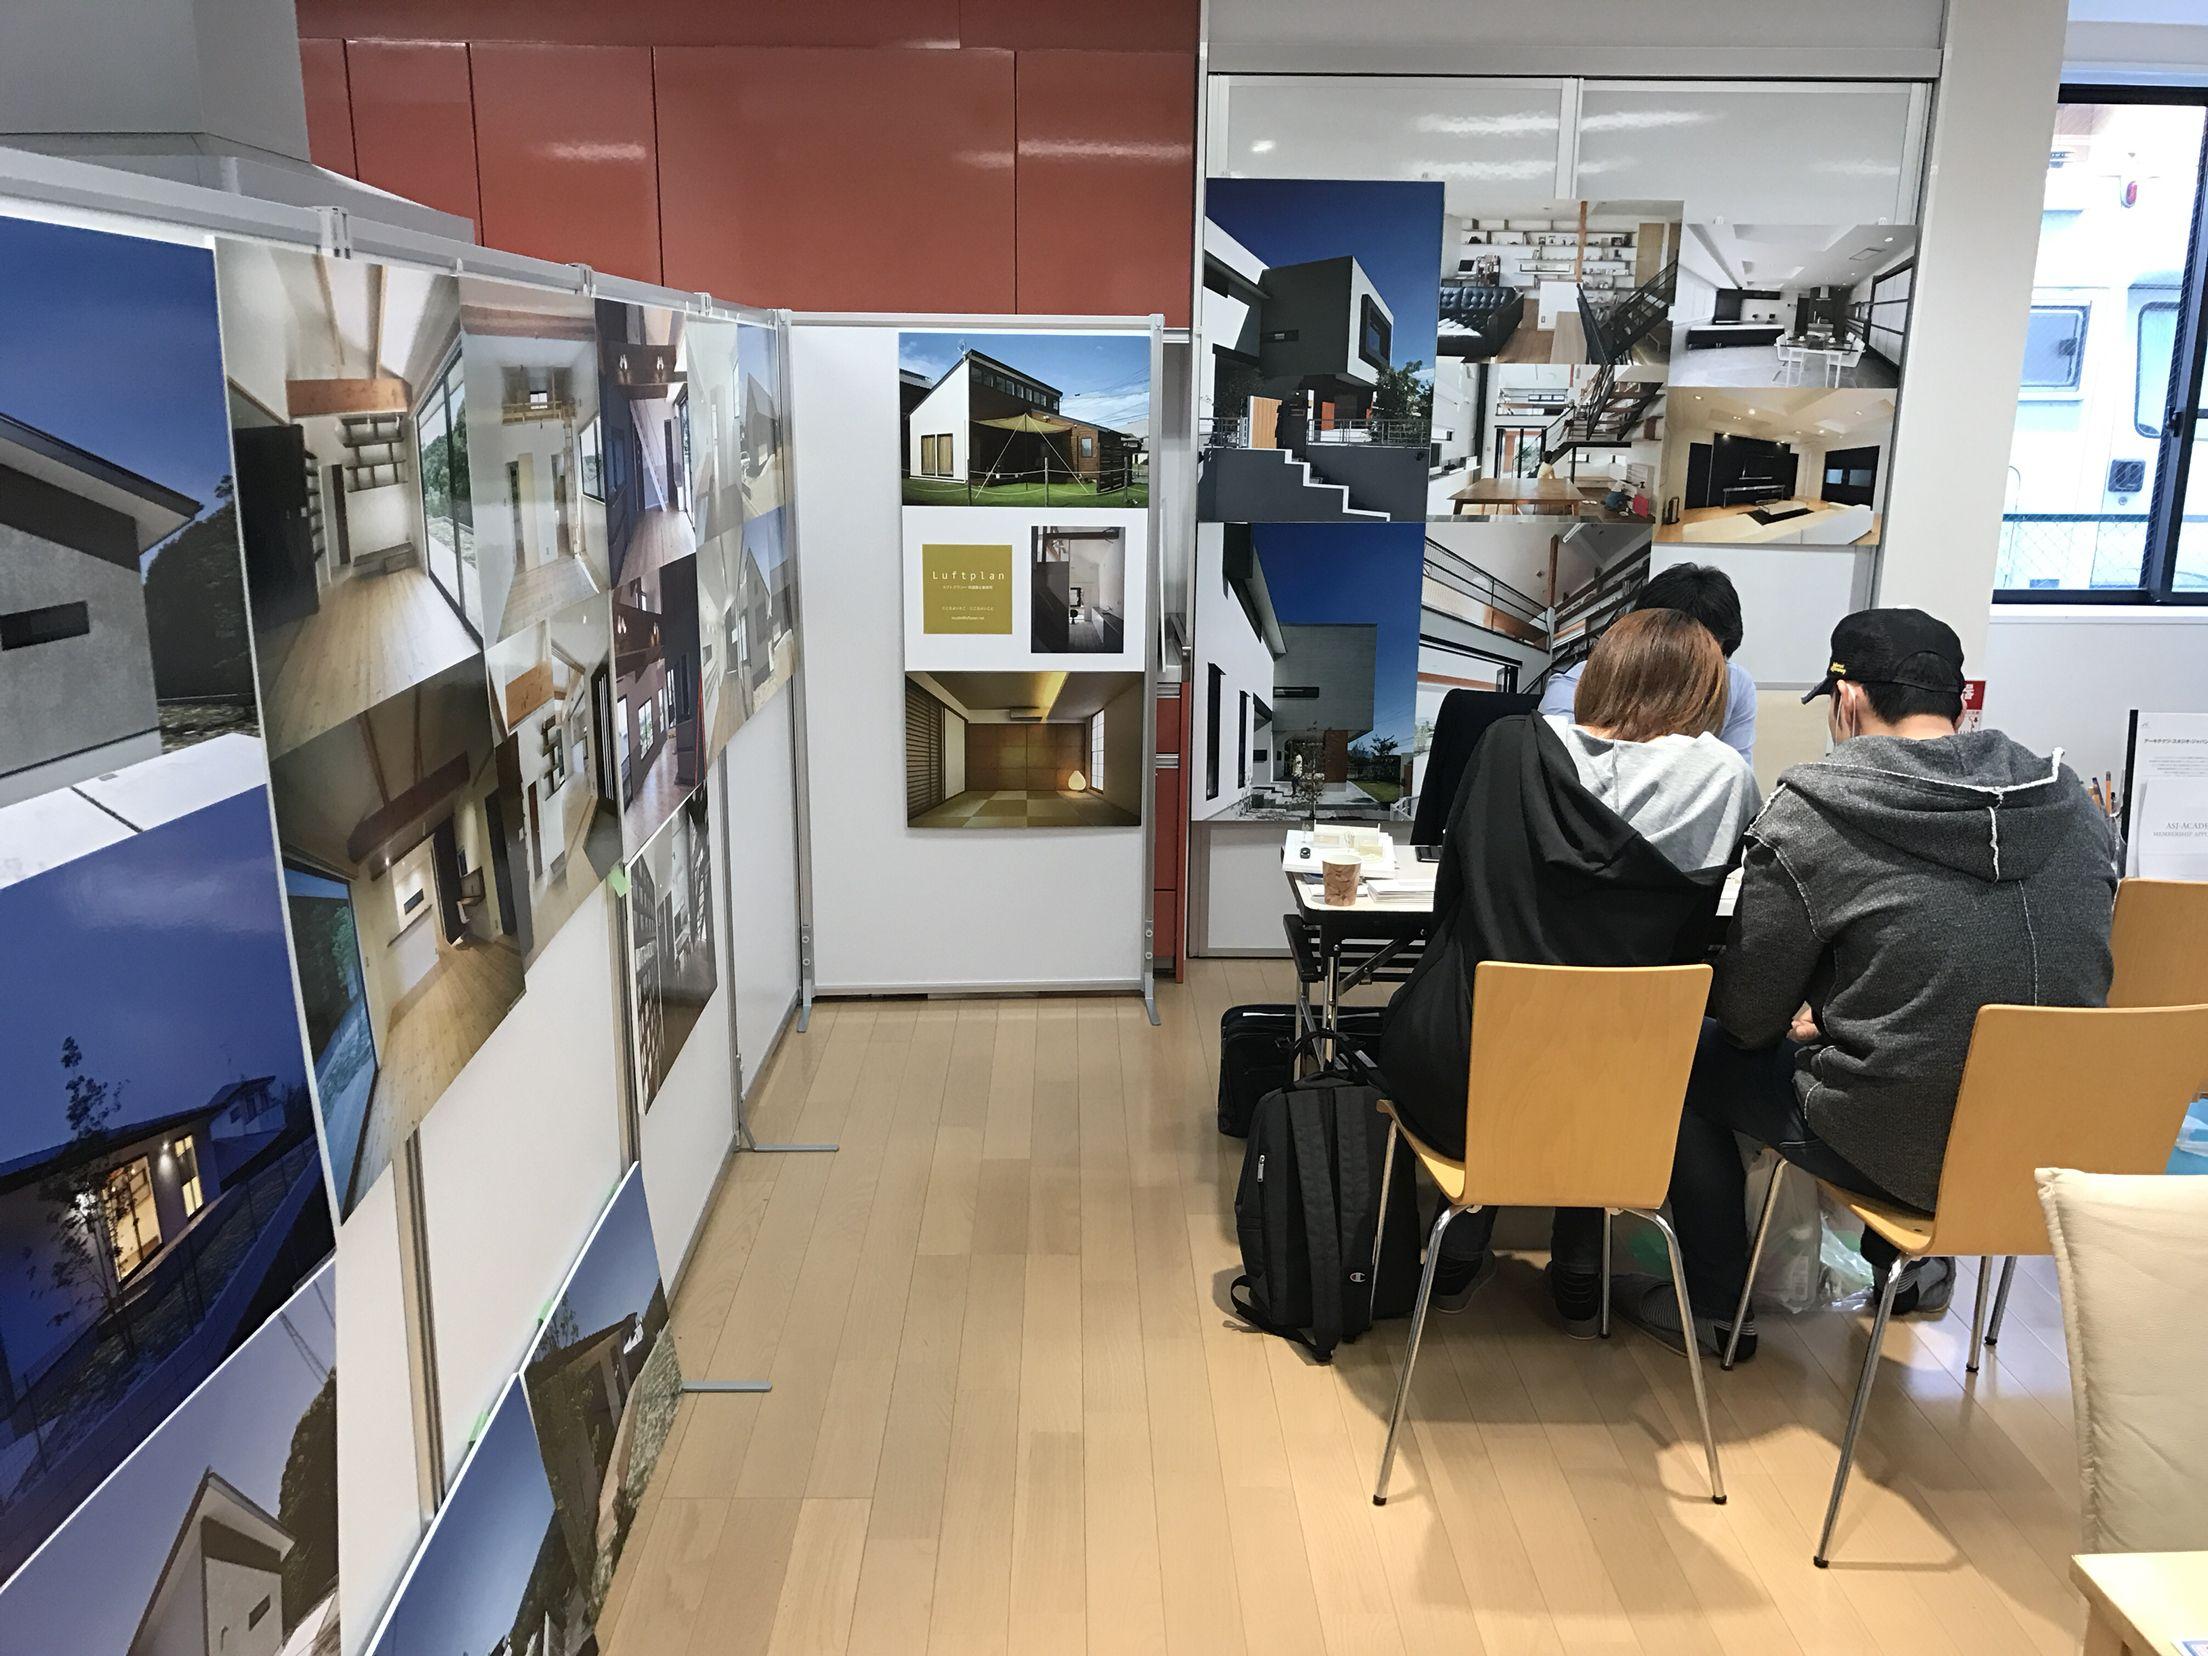 九州各地で行われている建築家が設計デザインした住宅事例の展示会 2017年3月11日 北九州市小倉北区 #住宅#福岡